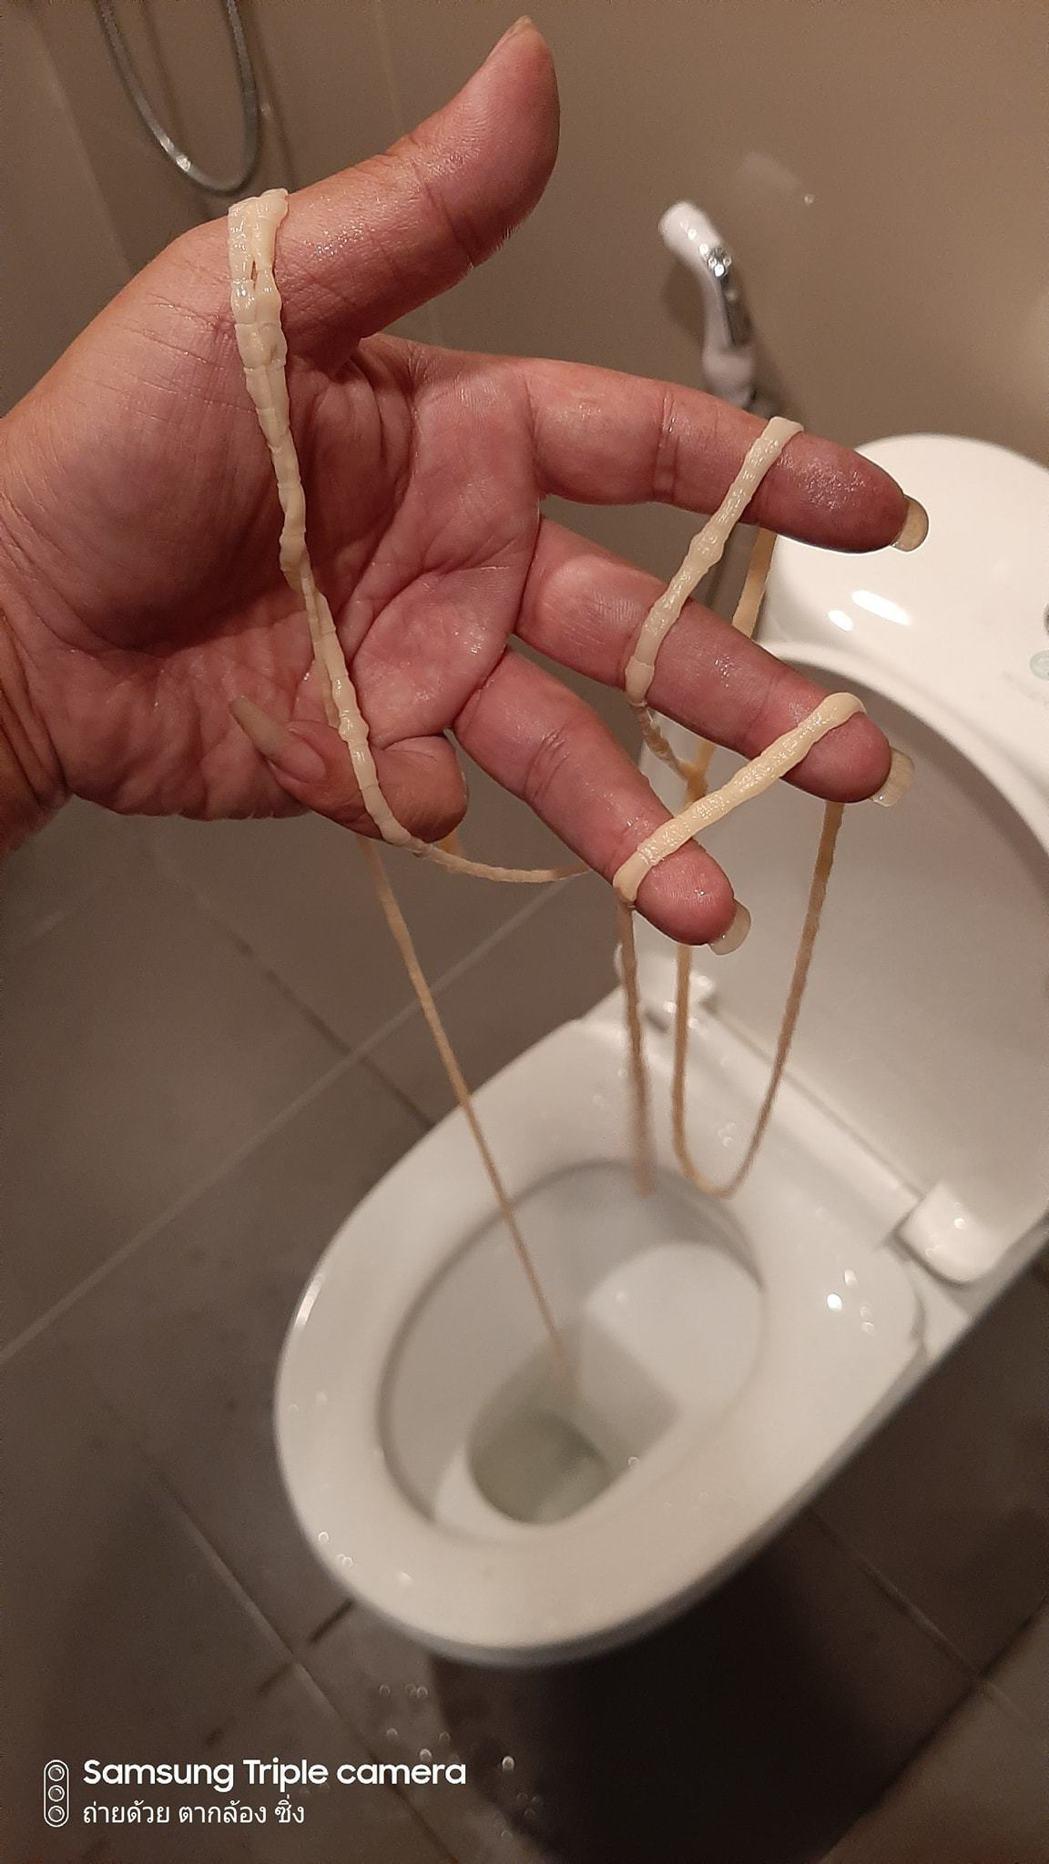 泰國東北烏隆府(Udon Thani)一名男子日前上廁所,突然感覺怪怪的,好像有...